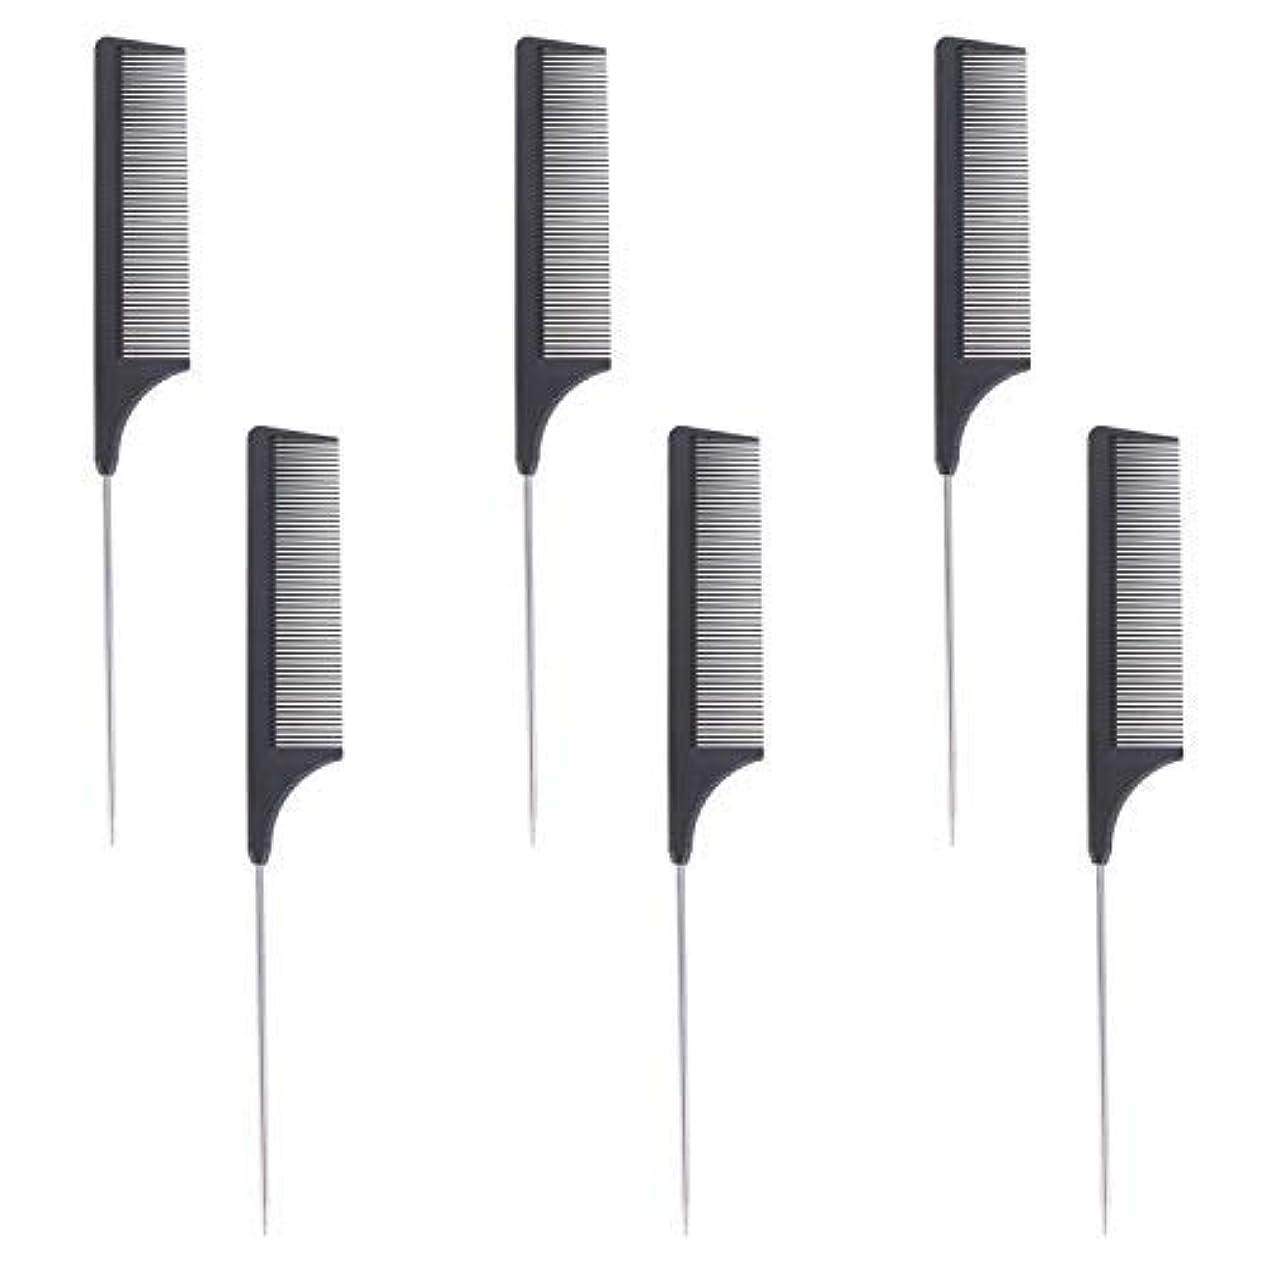 バナーセッション言い訳6 Pieces Comb Black Tail Styling Comb Chemical Heat Resistant Teasing Comb Carbon Fiber Hair Styling Combs for...